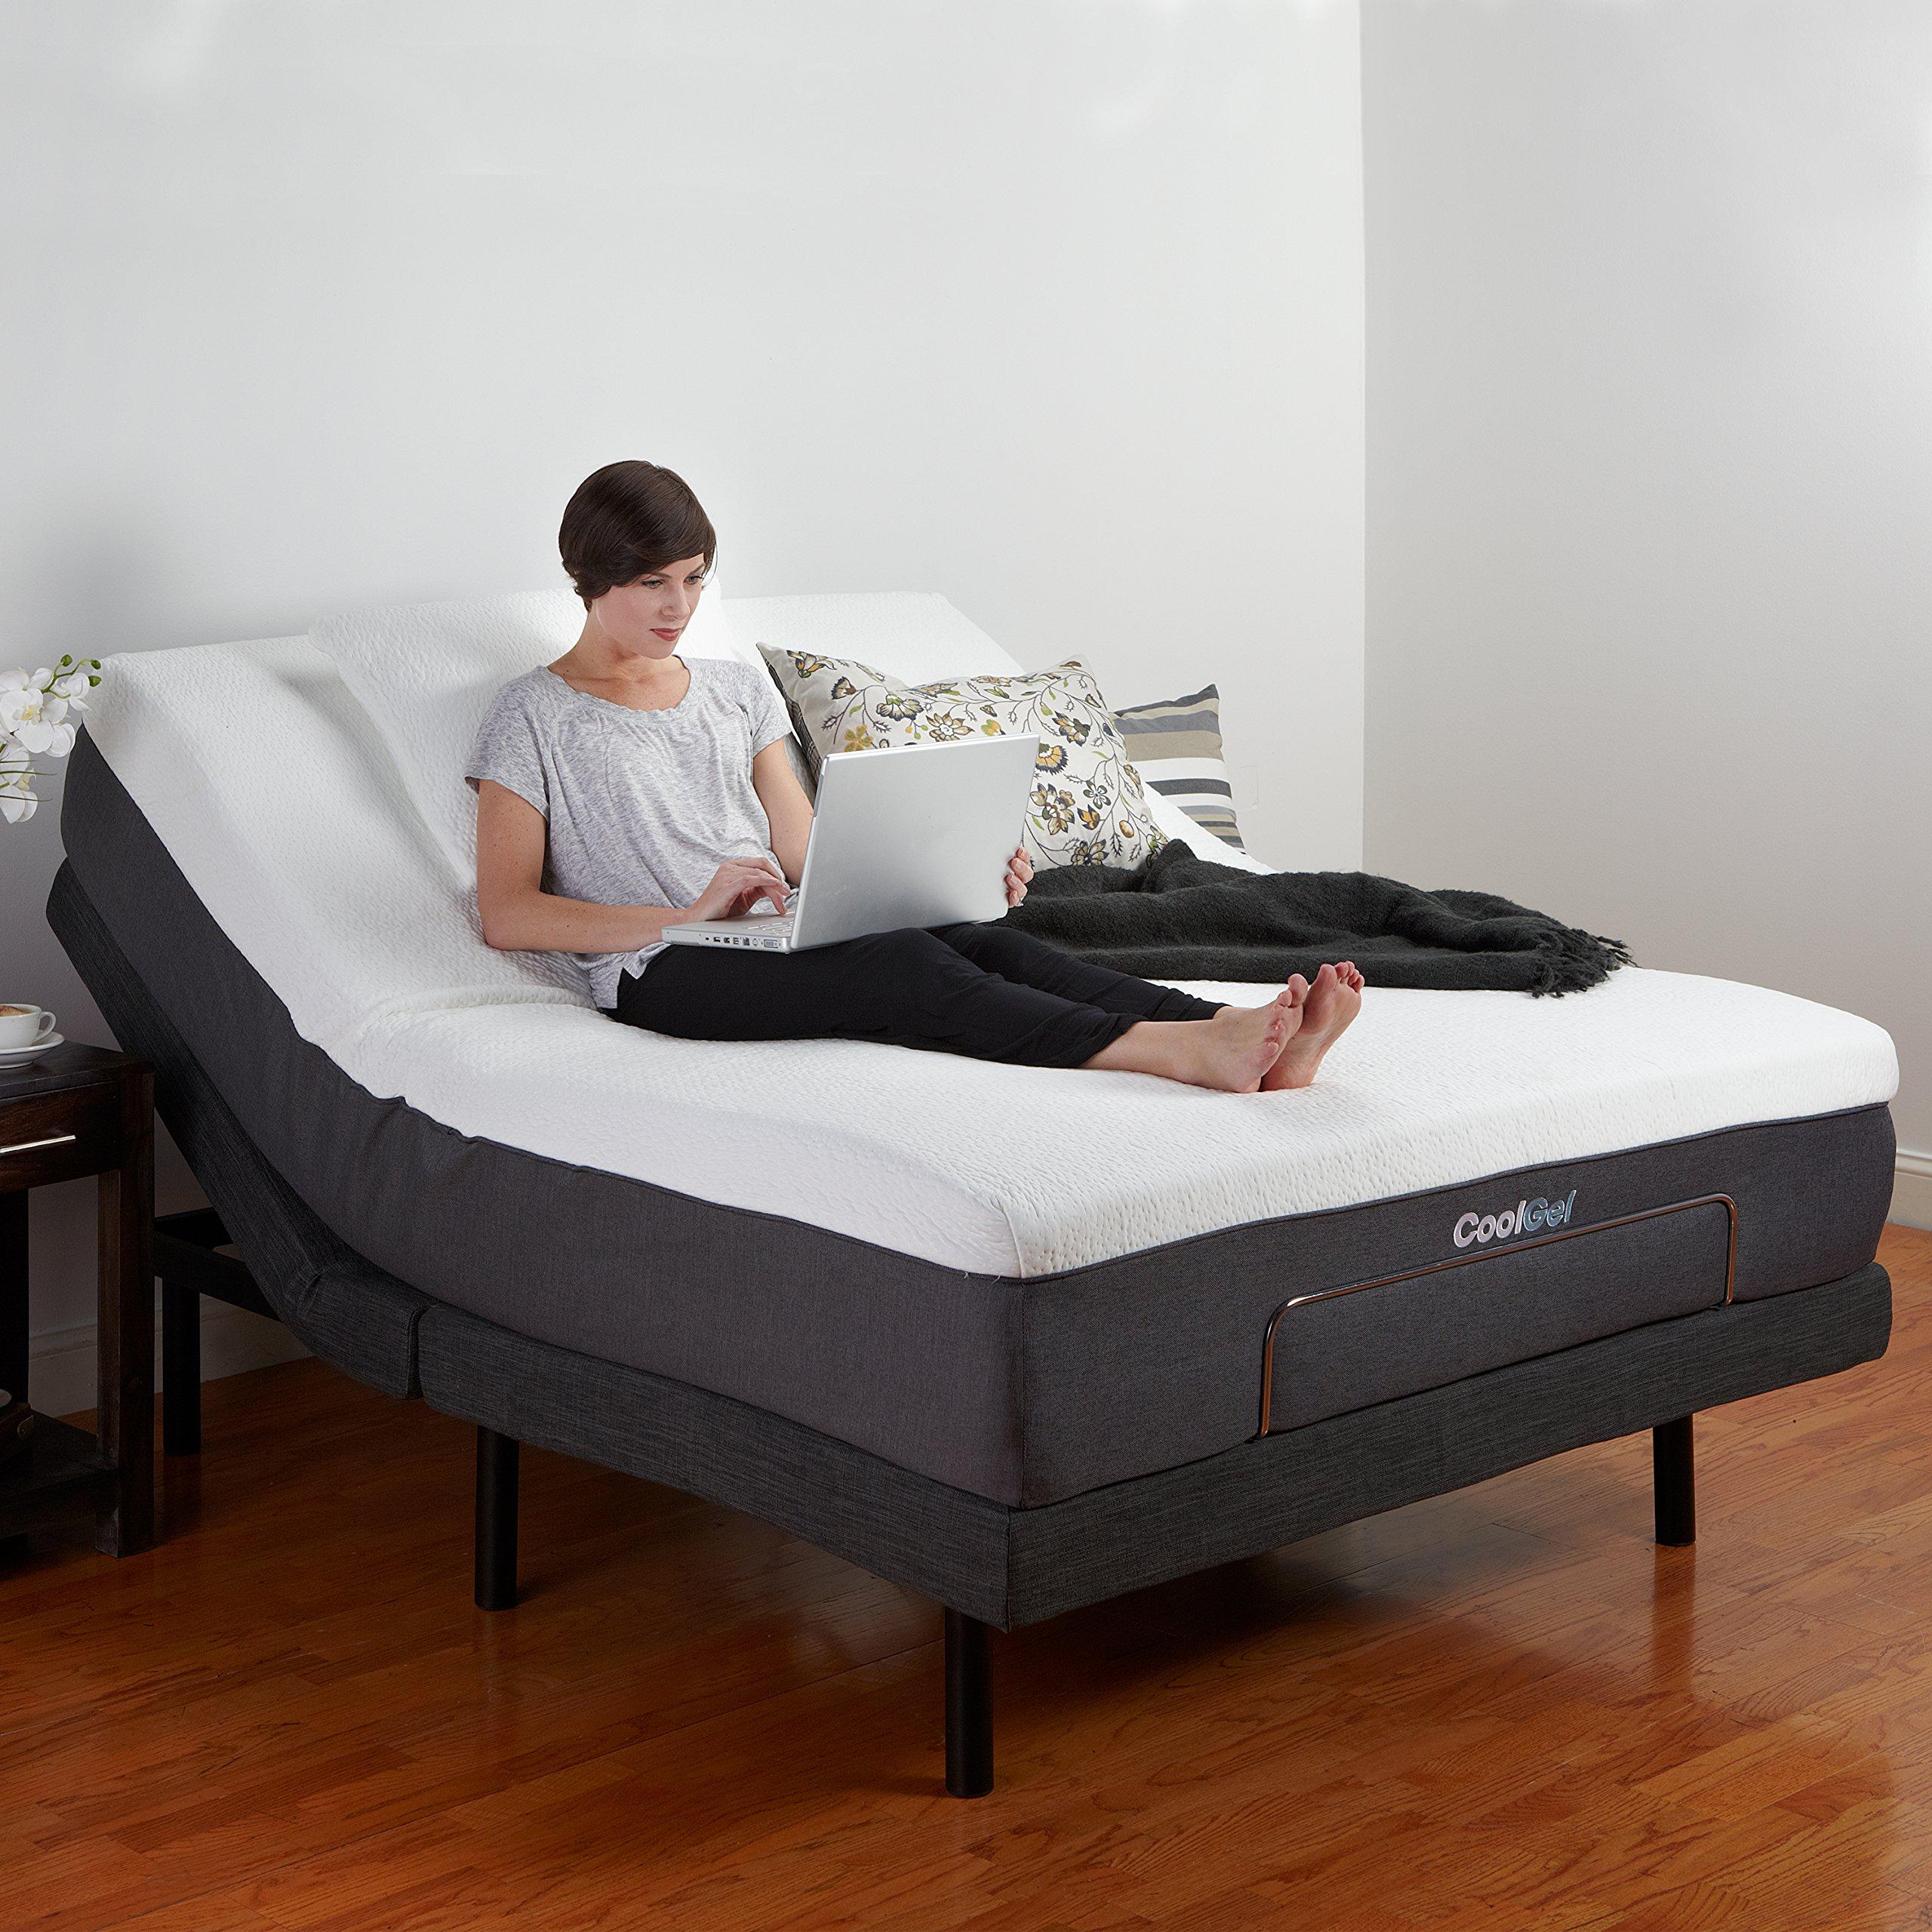 Classic Brands Adjustable Comfort